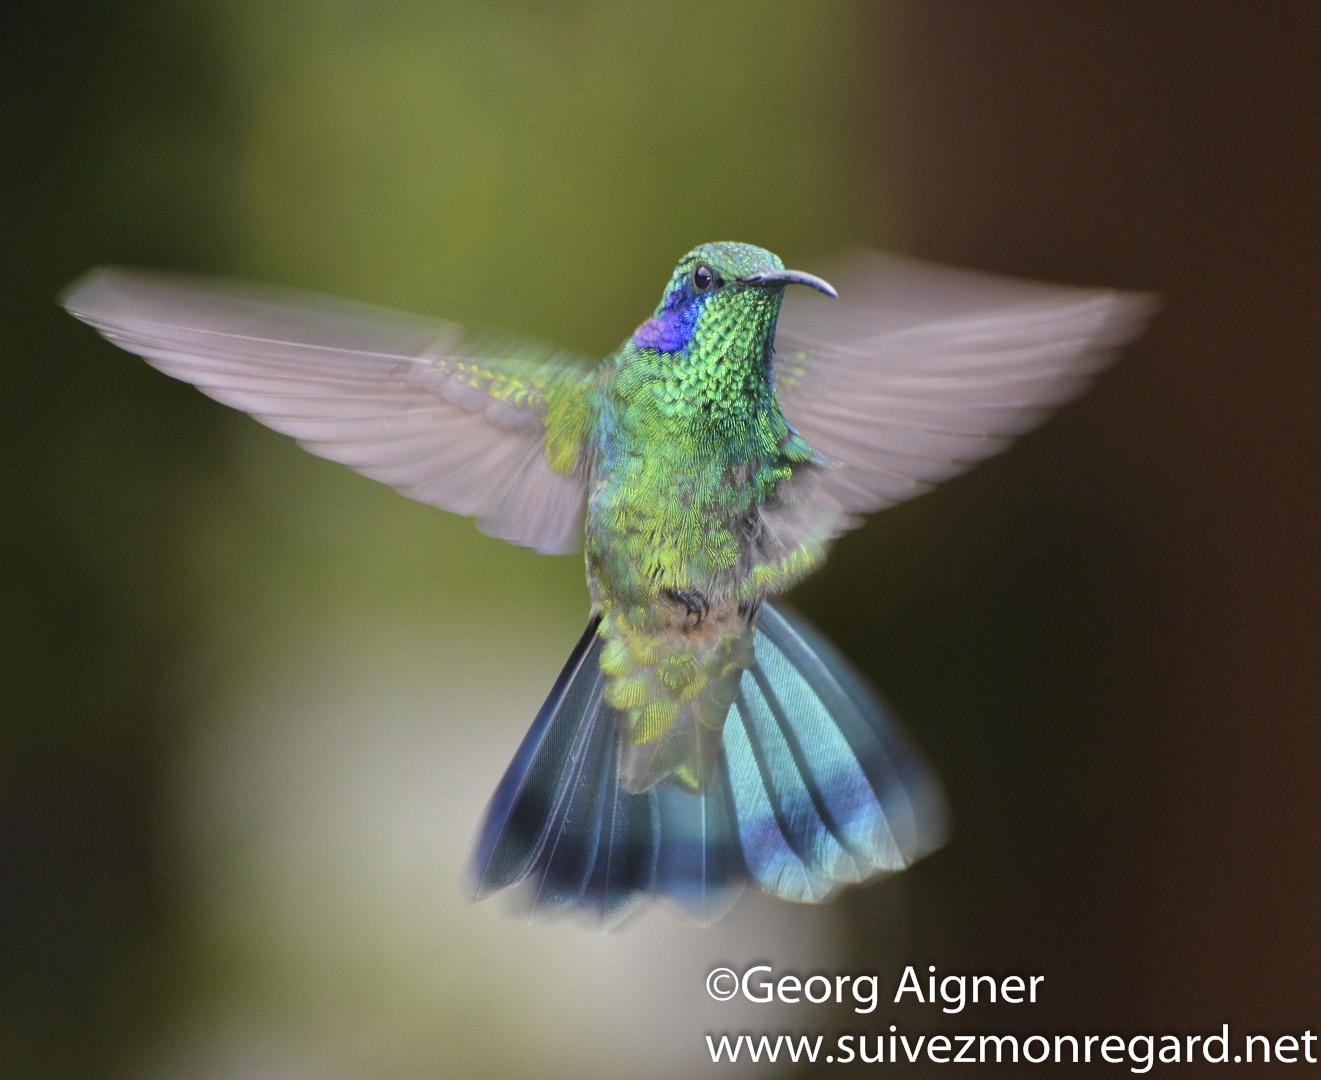 Colibris – hummingbirds